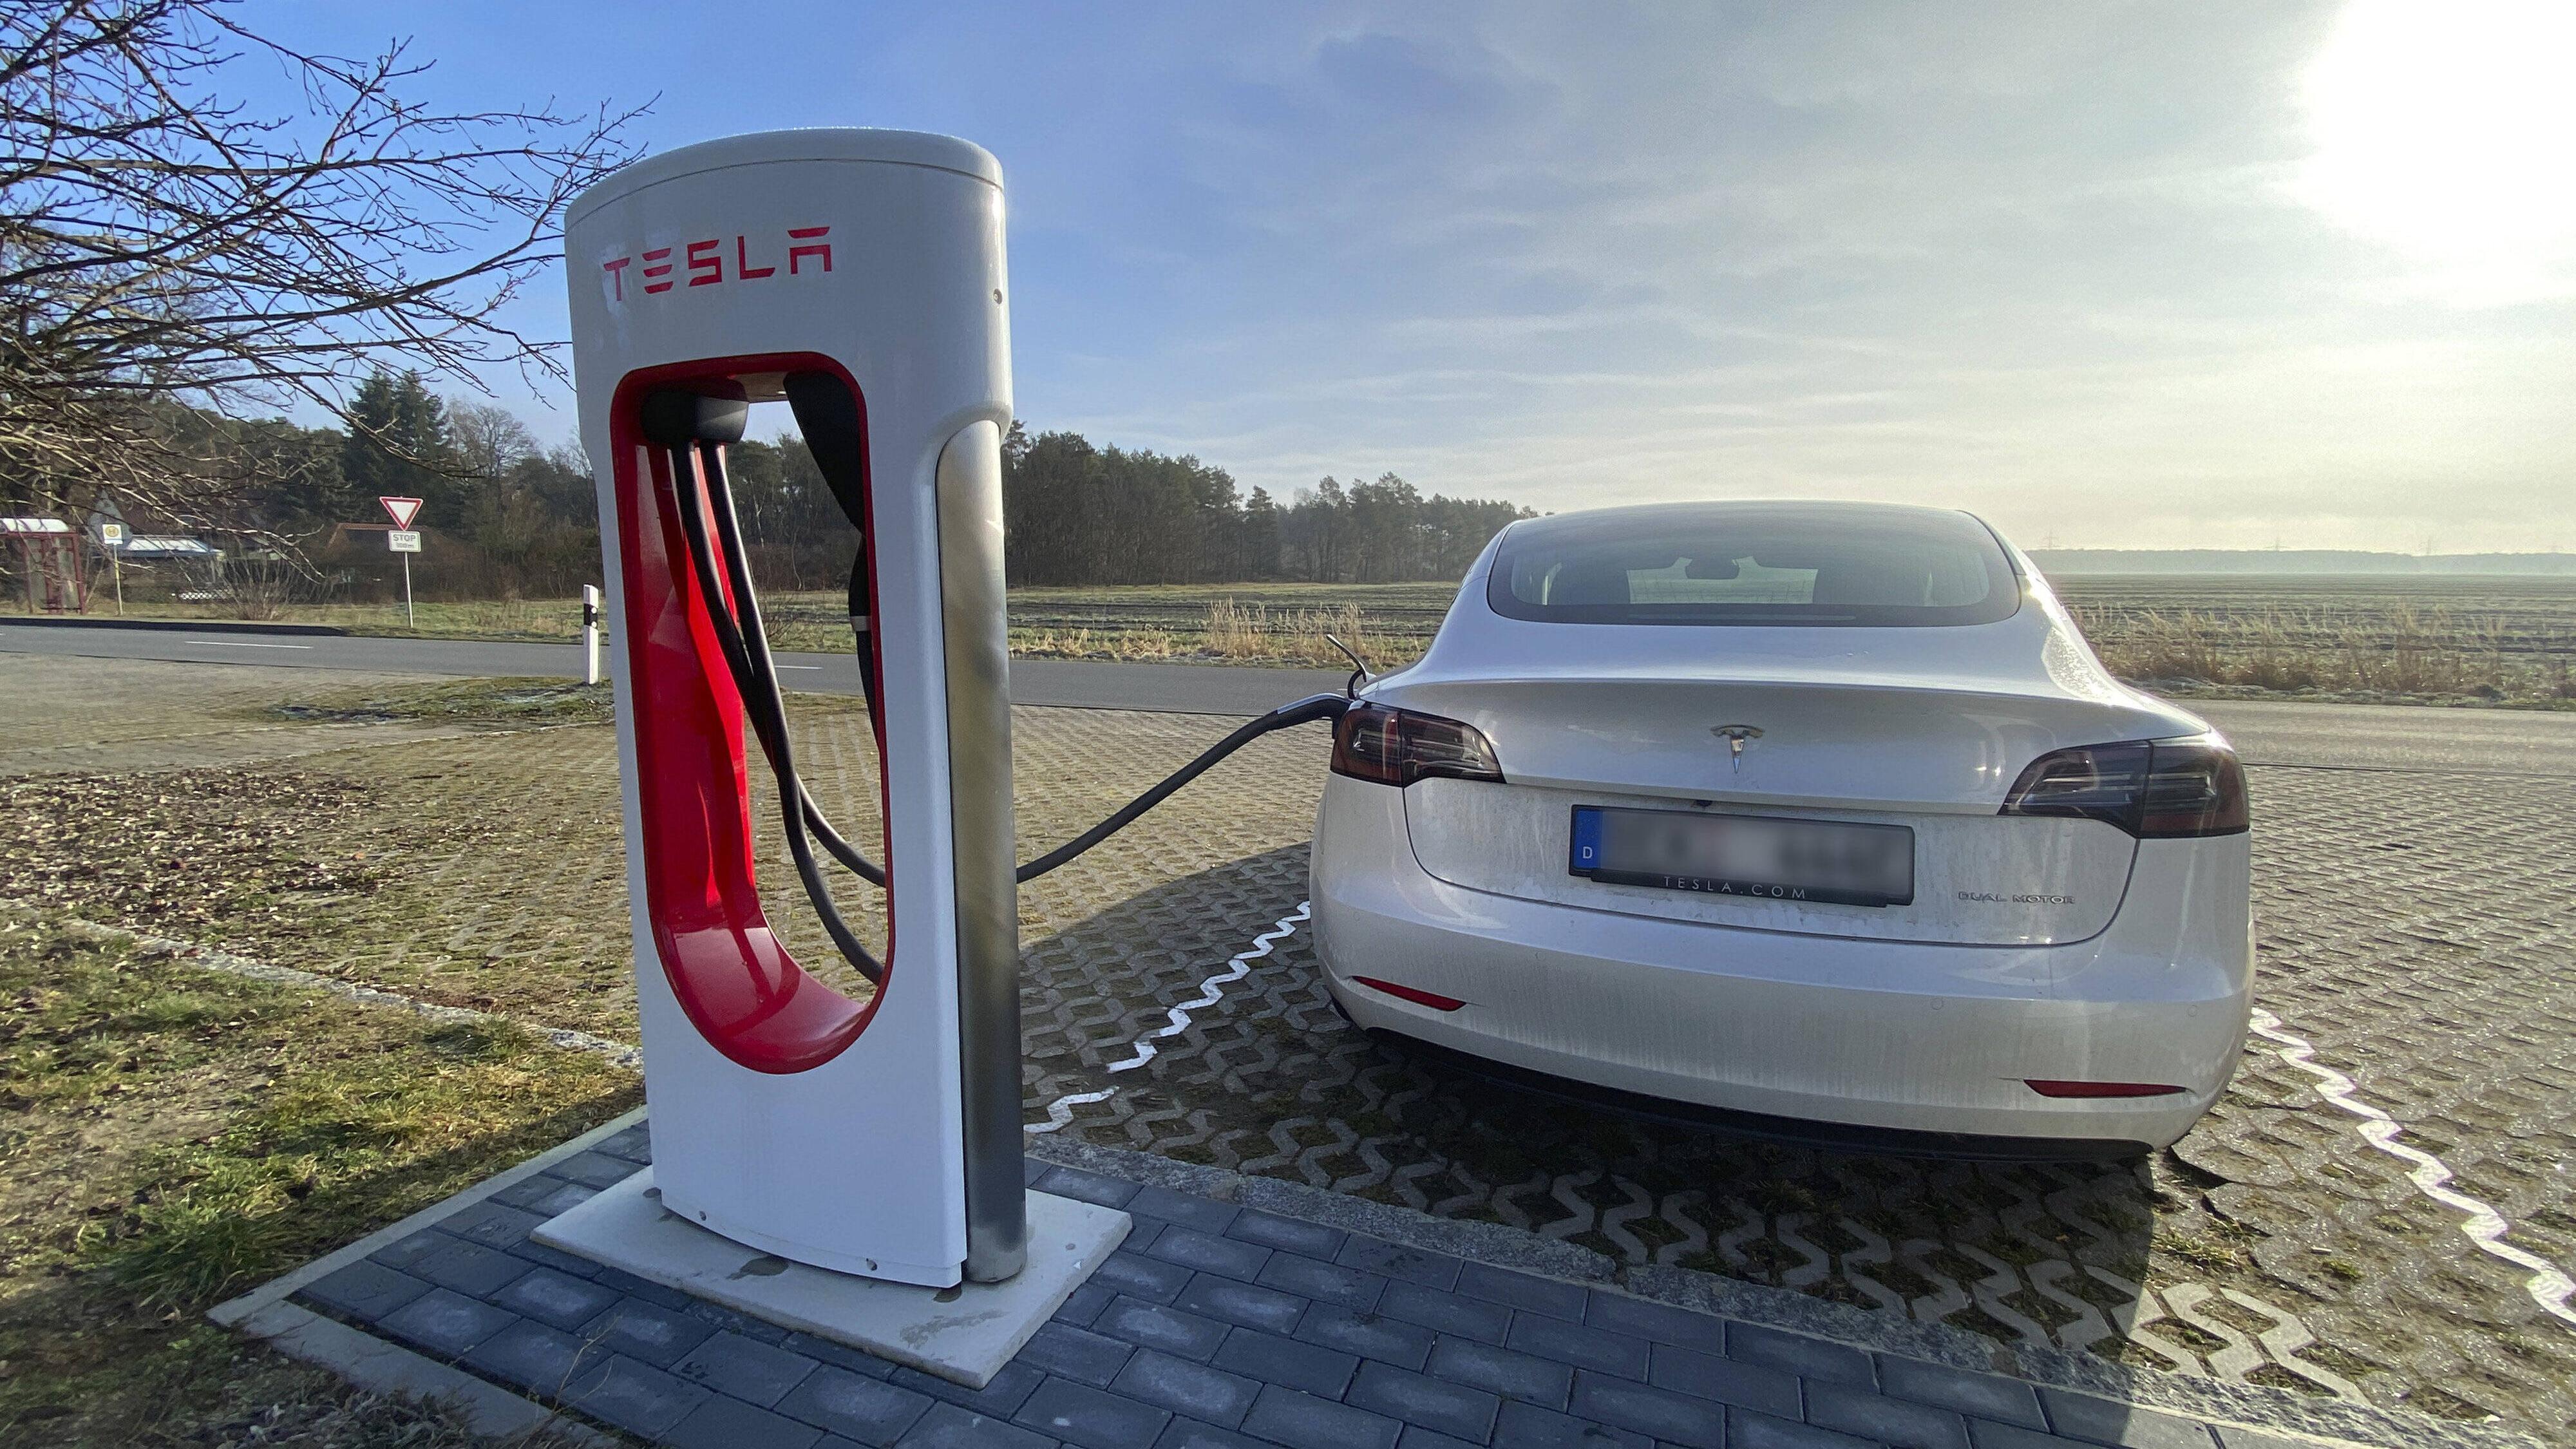 Elektroauto: An öffentlichen Stromtankstellen aufladen